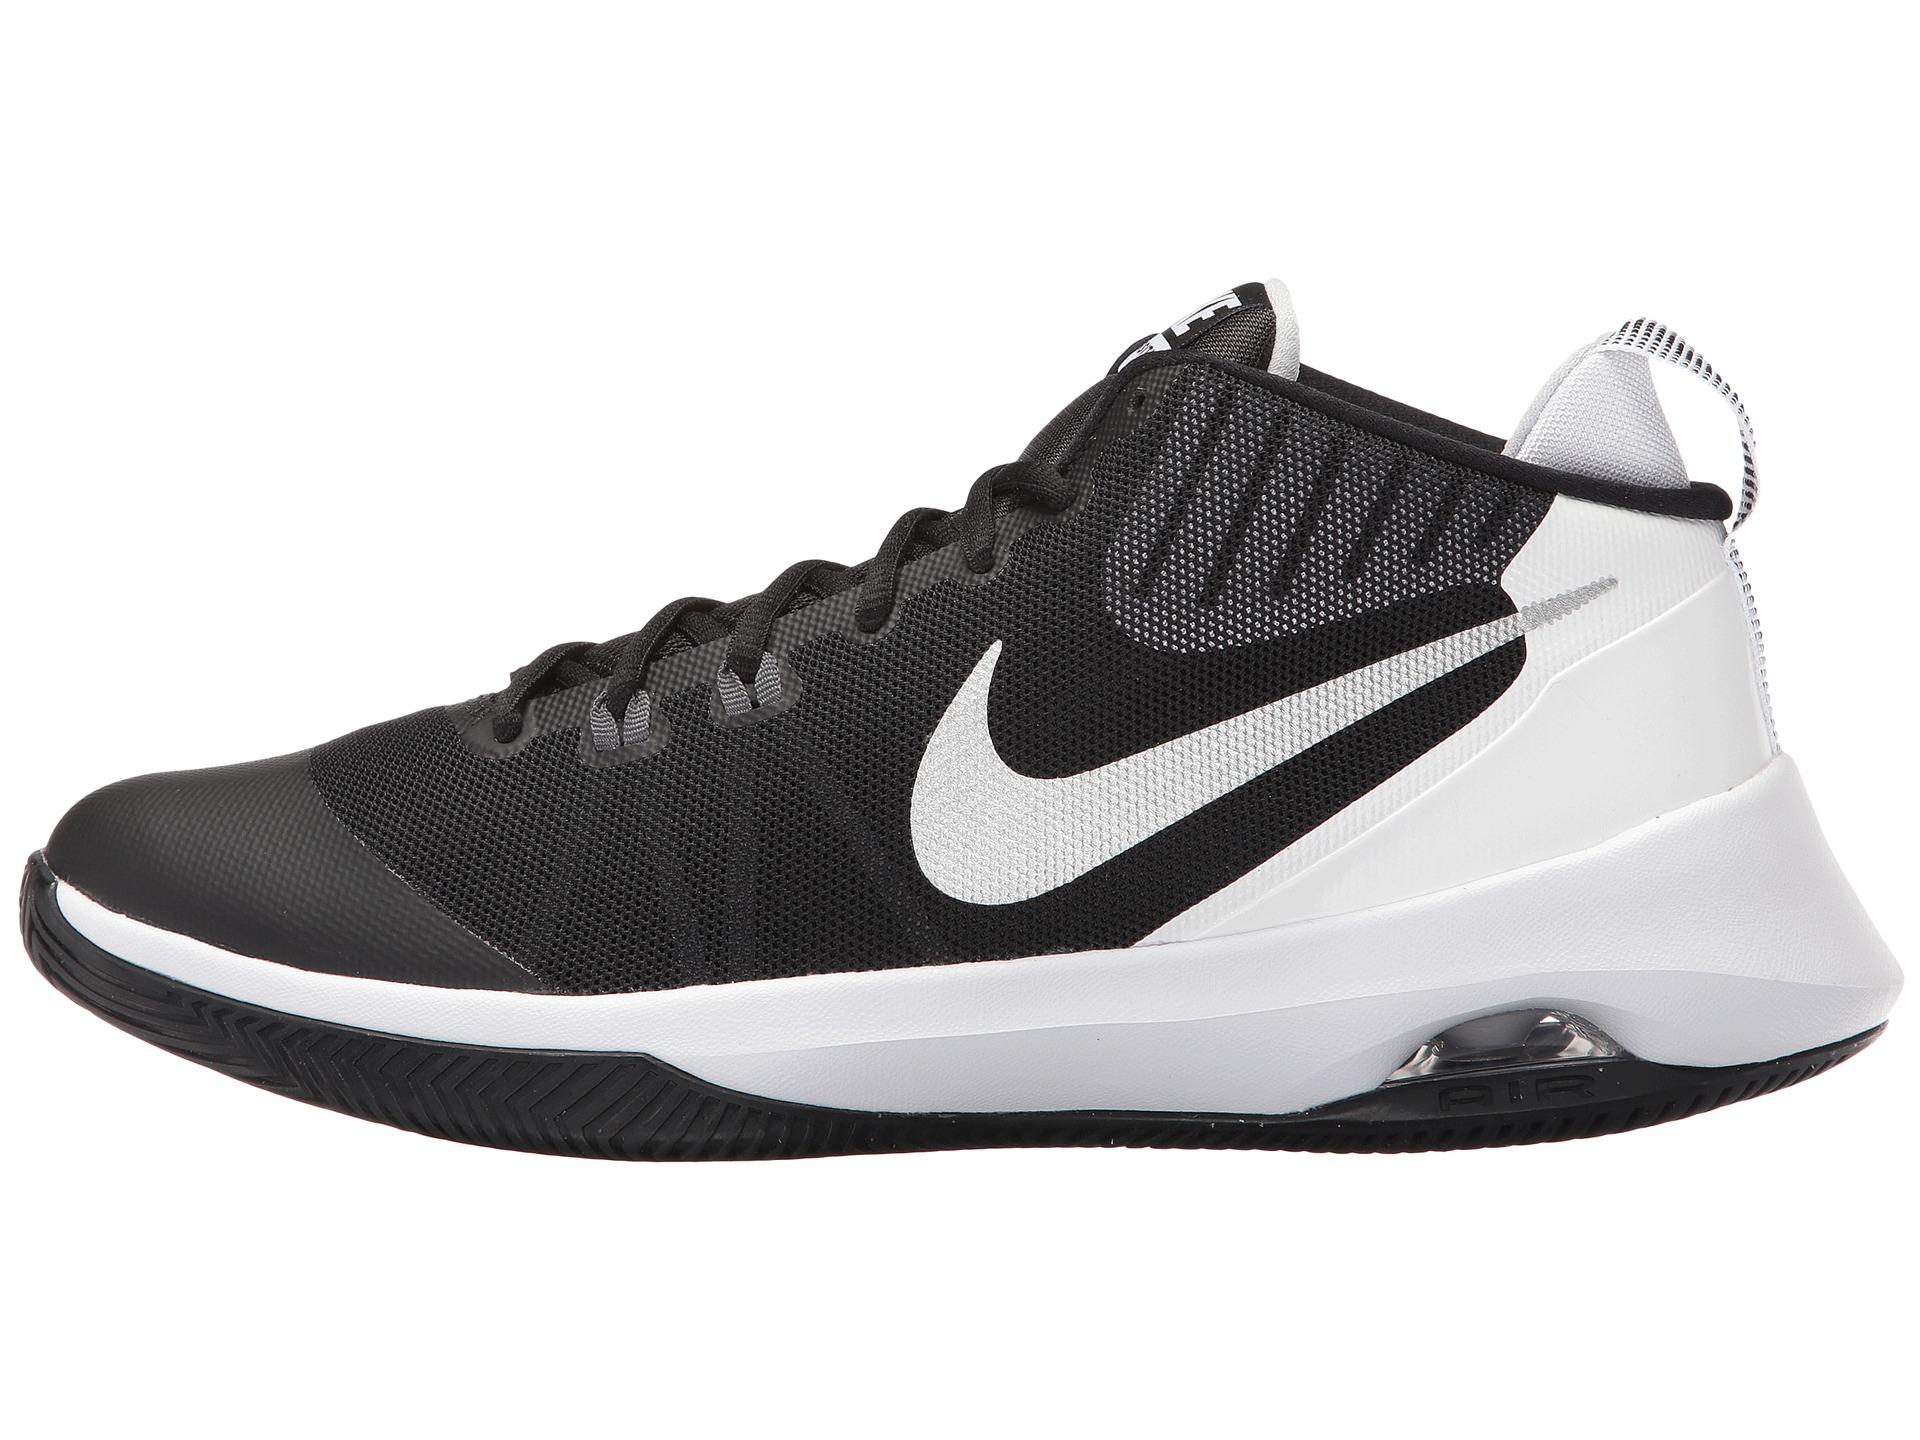 Nike Versatile Basketball Shoes